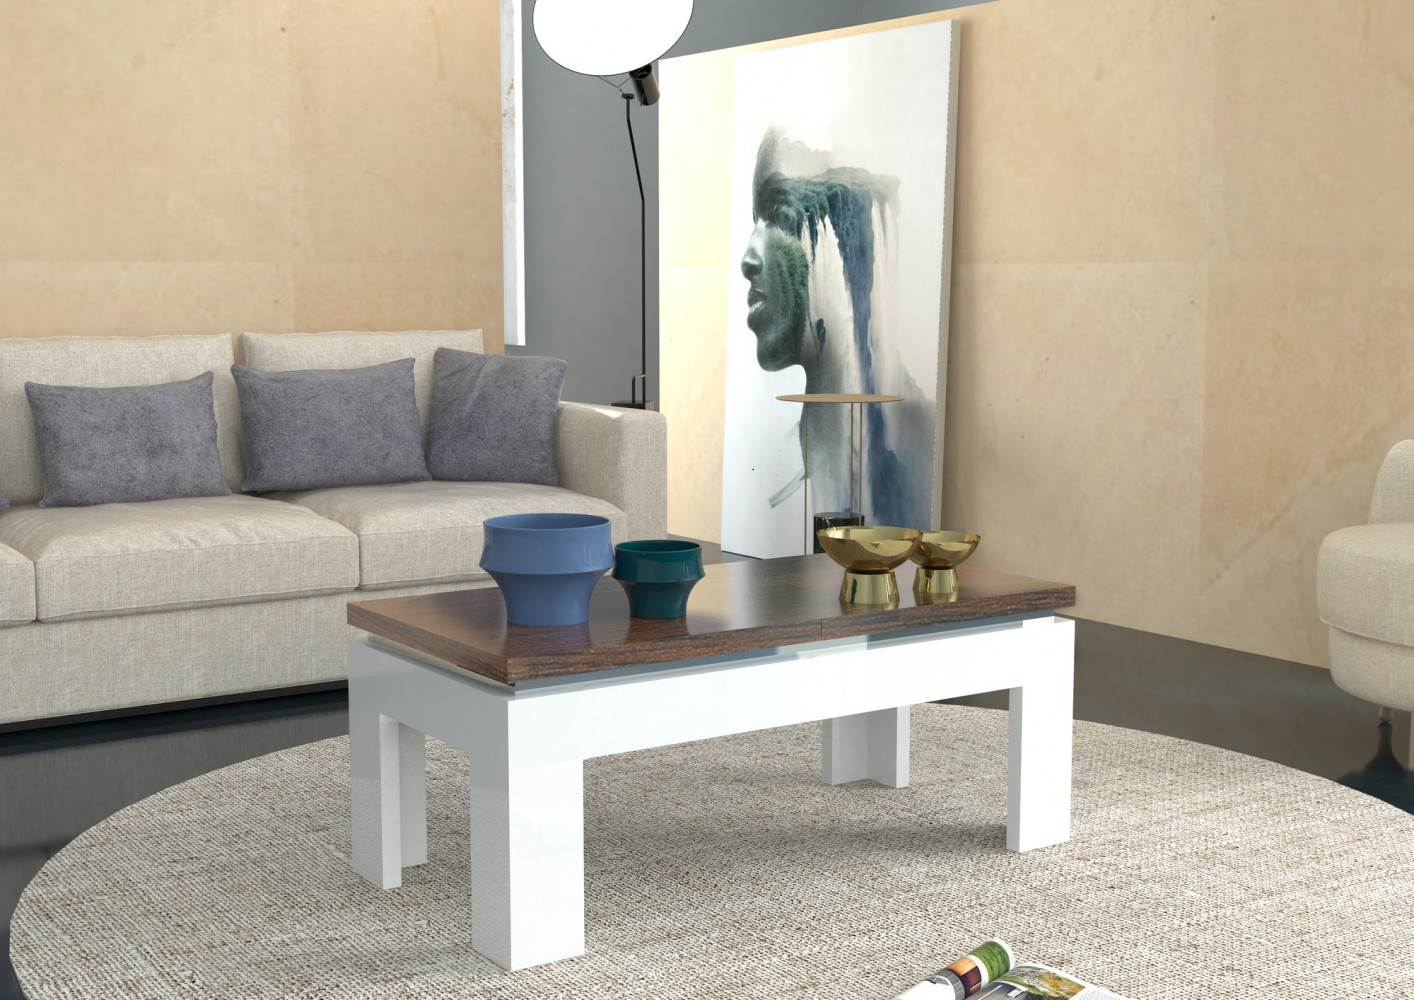 beton couchtisch machen sie den preisvergleich bei nextag. Black Bedroom Furniture Sets. Home Design Ideas